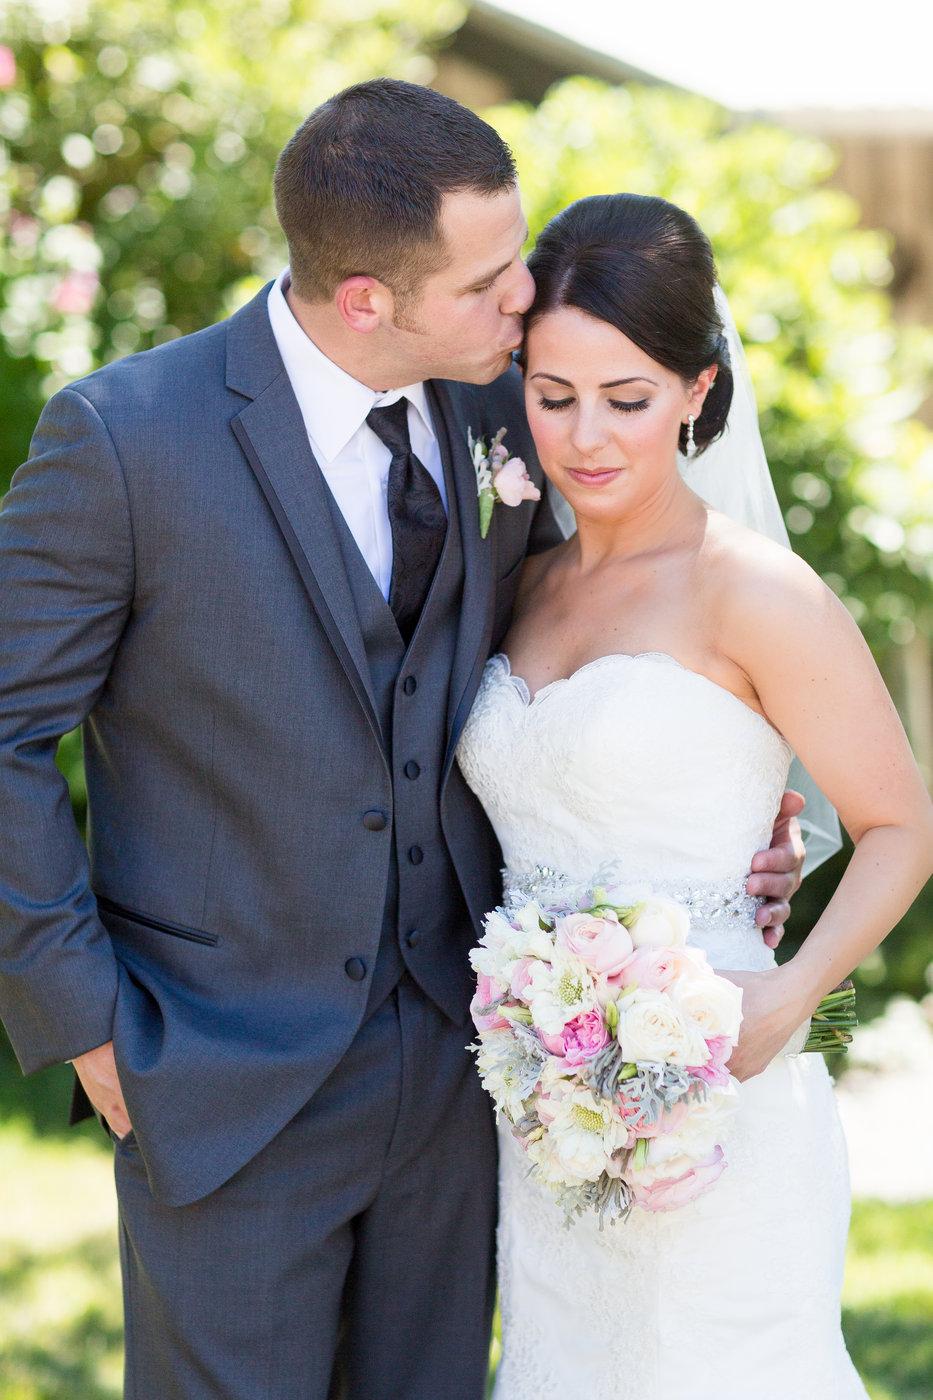 winter-wedding-venues.jpg